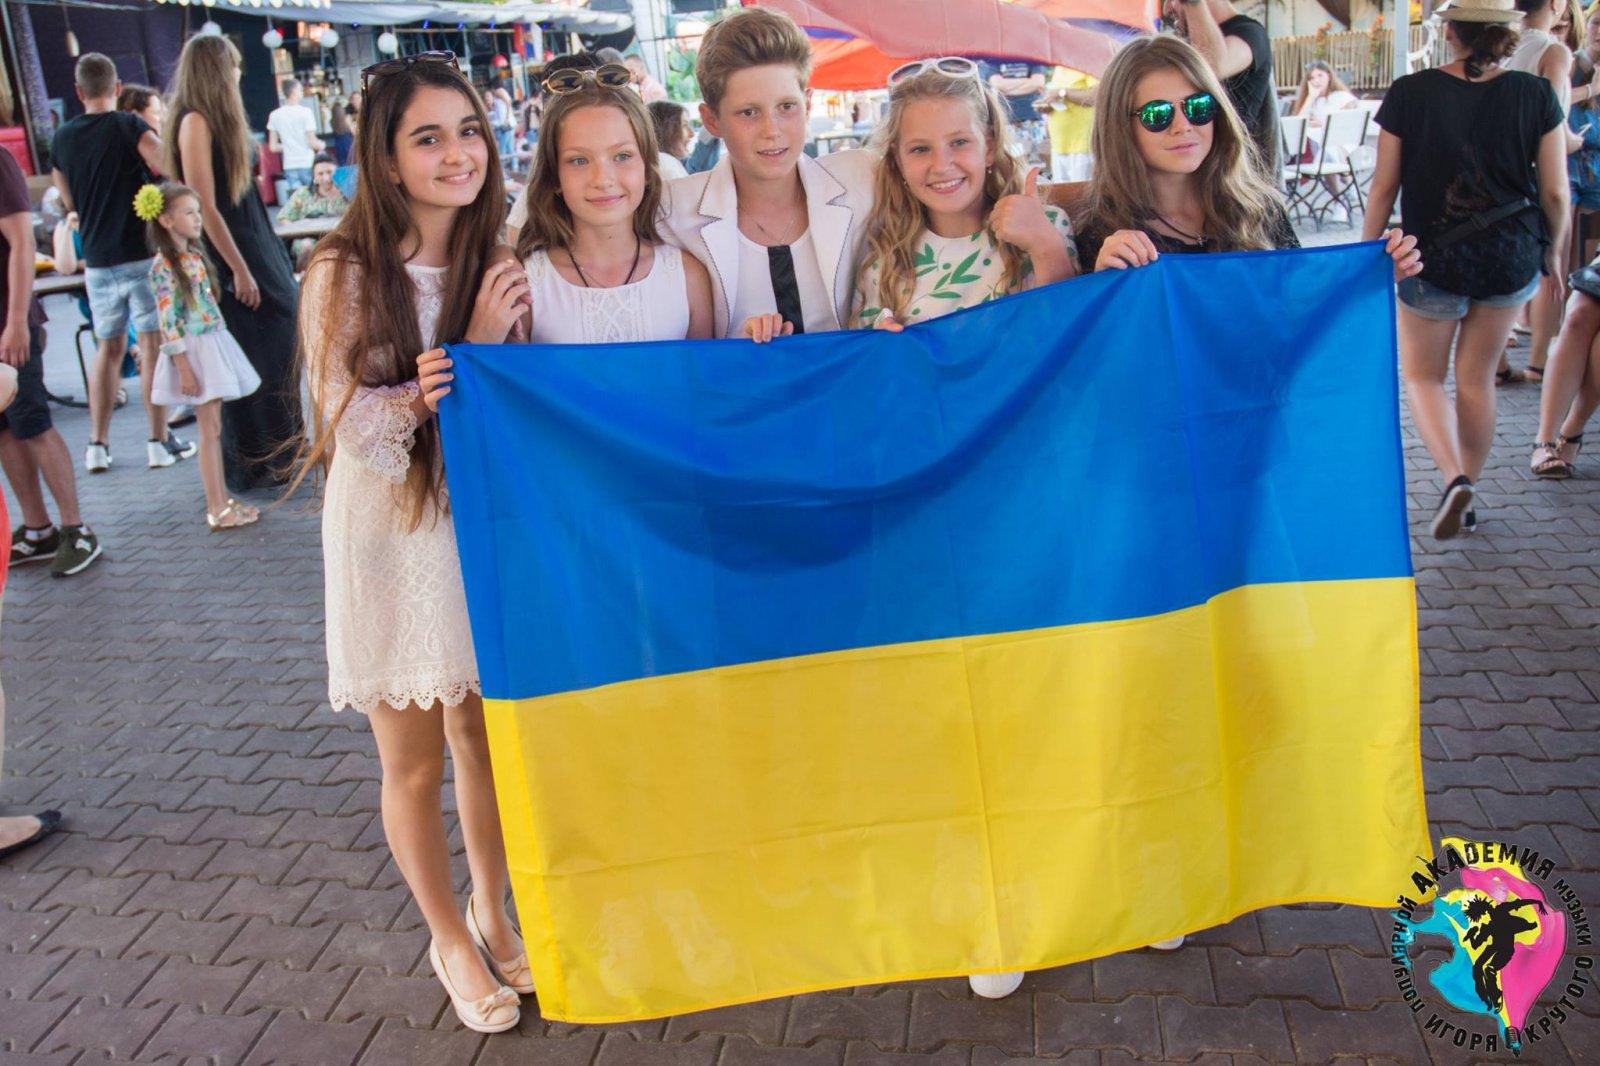 Украину на Детской Новой волне 2015 в Крыму представят участники из Киева – Анна Тринчер (слева) и группа Smile